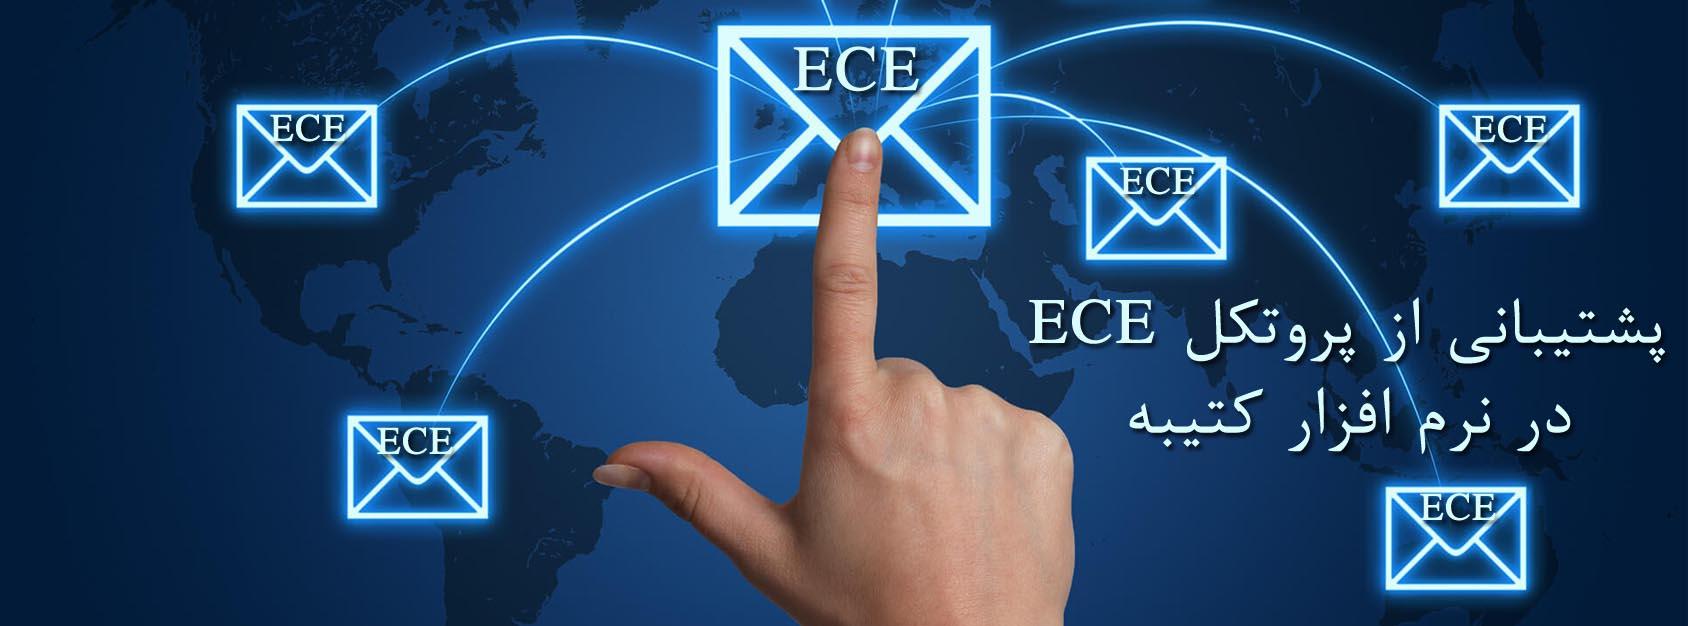 پروتکل ECE چیست؟